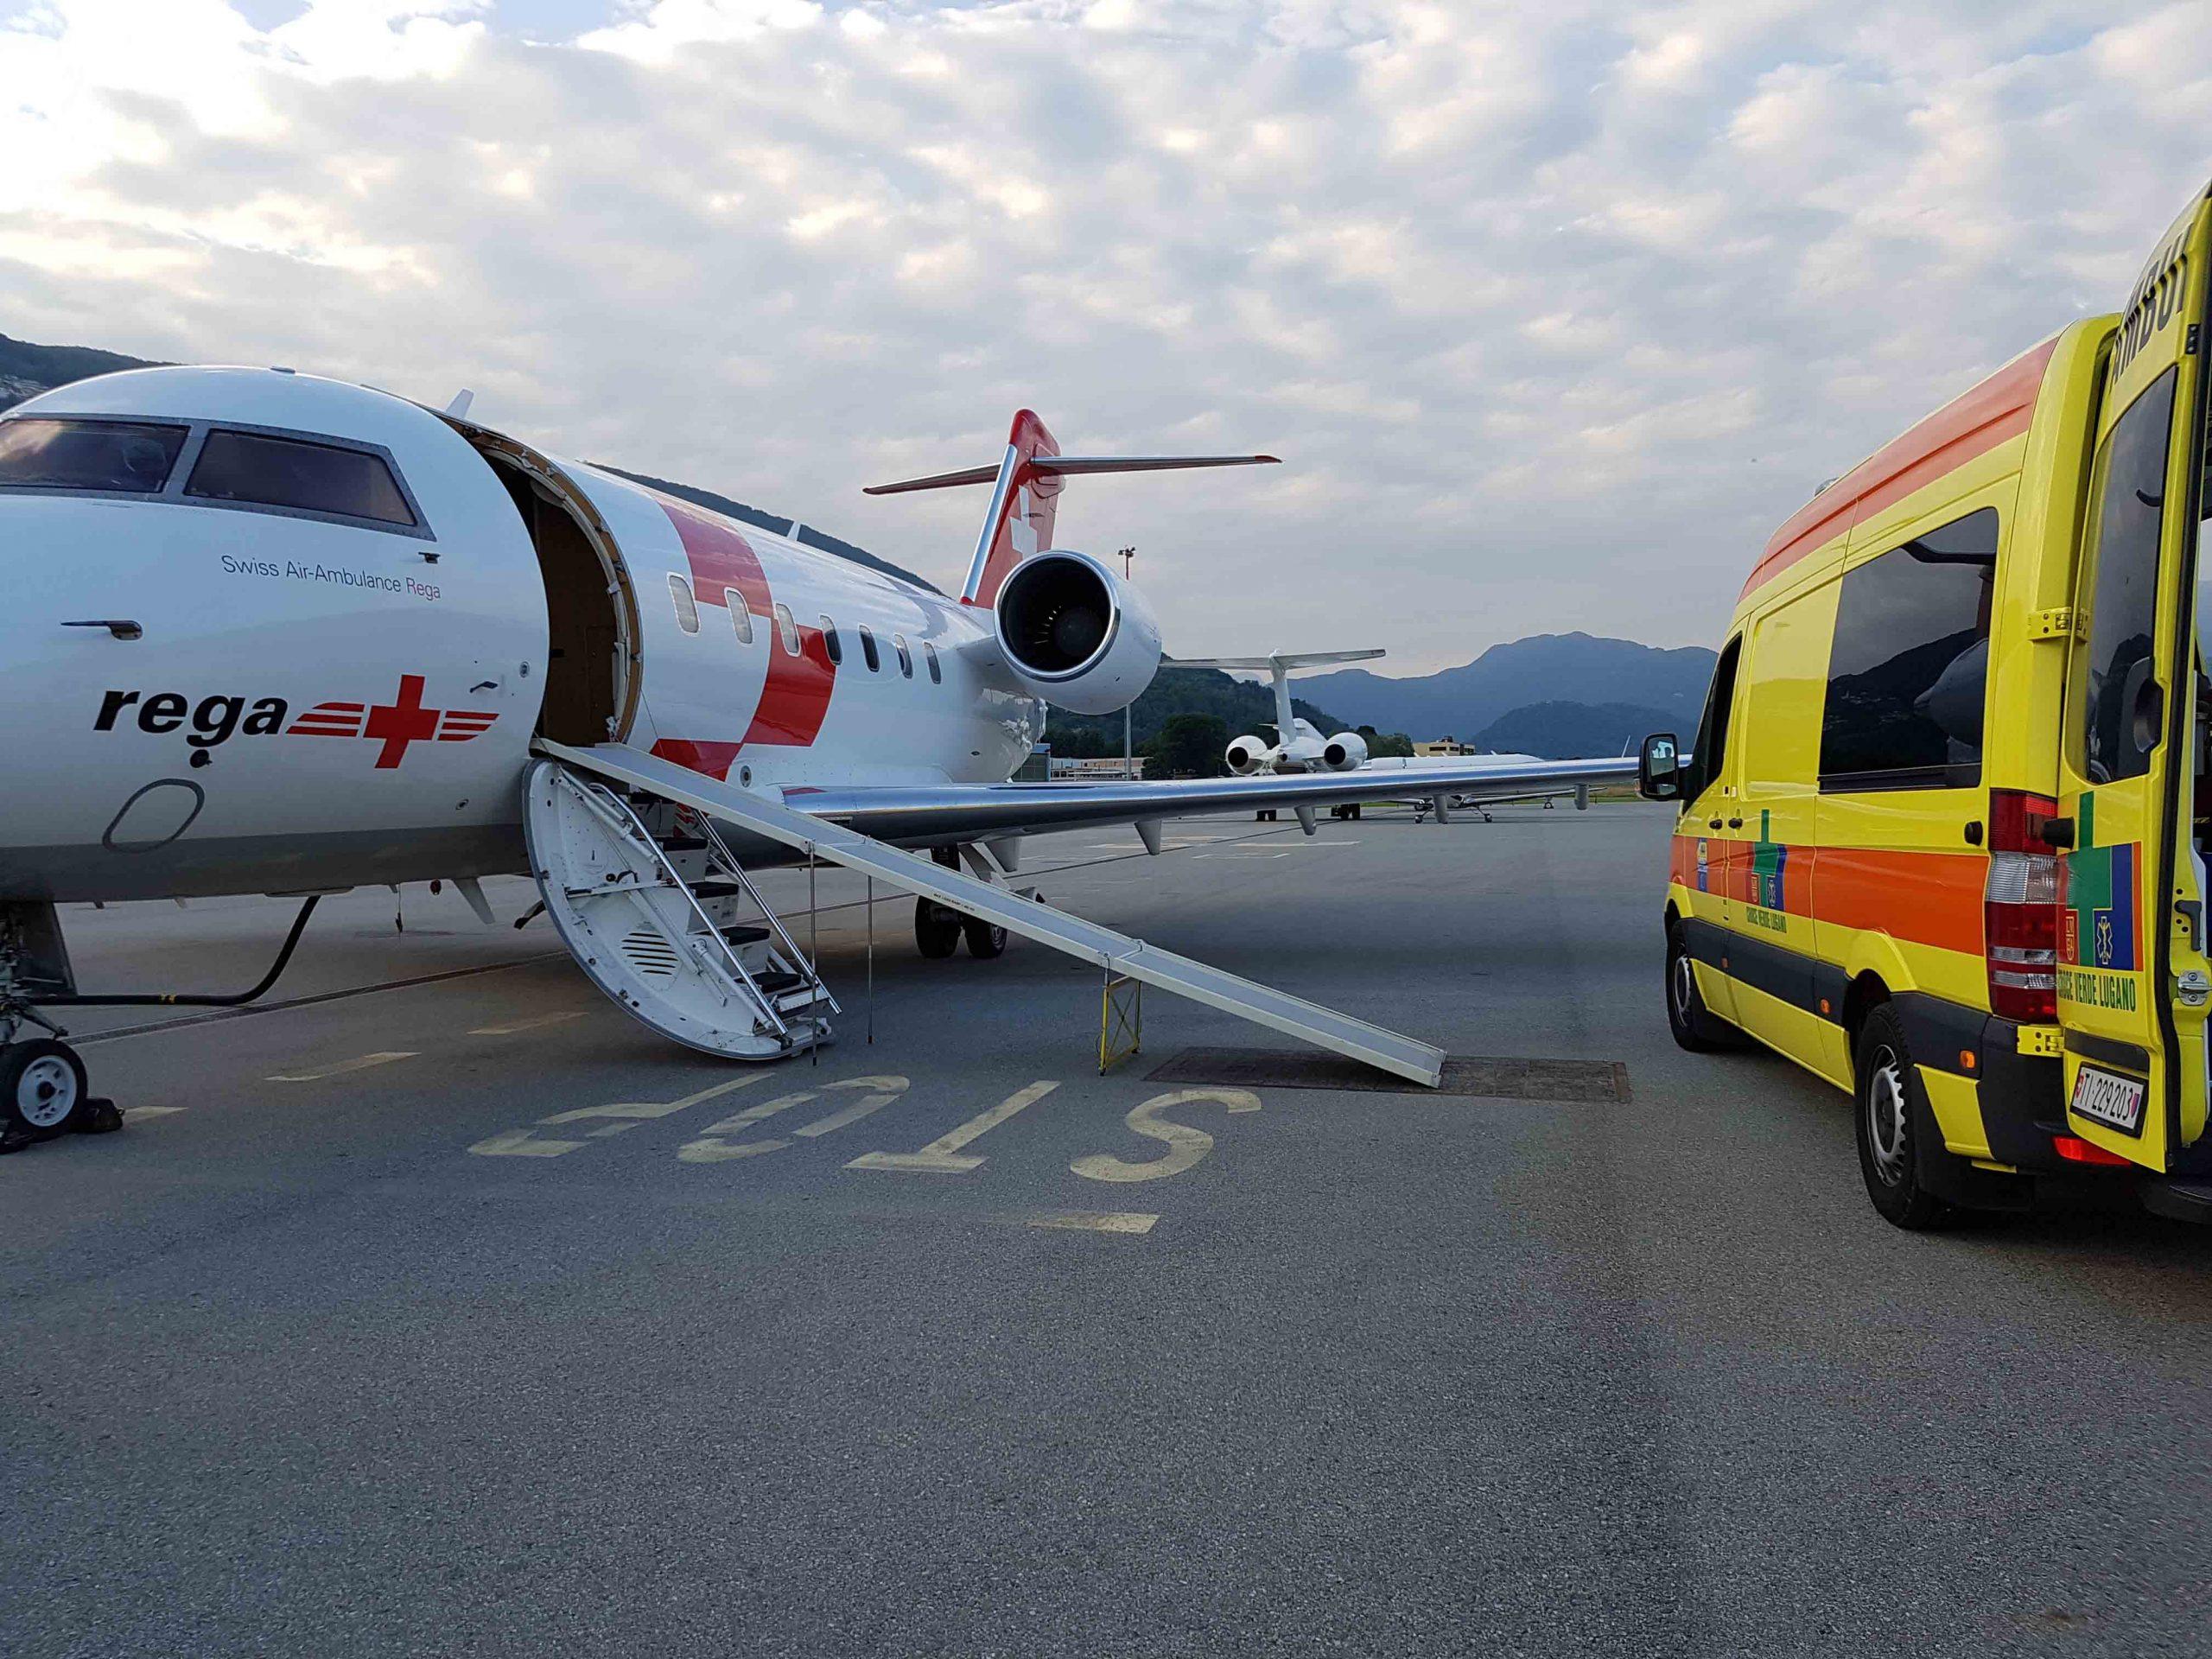 Ambulance USA International Ambulance Transport2 scaled